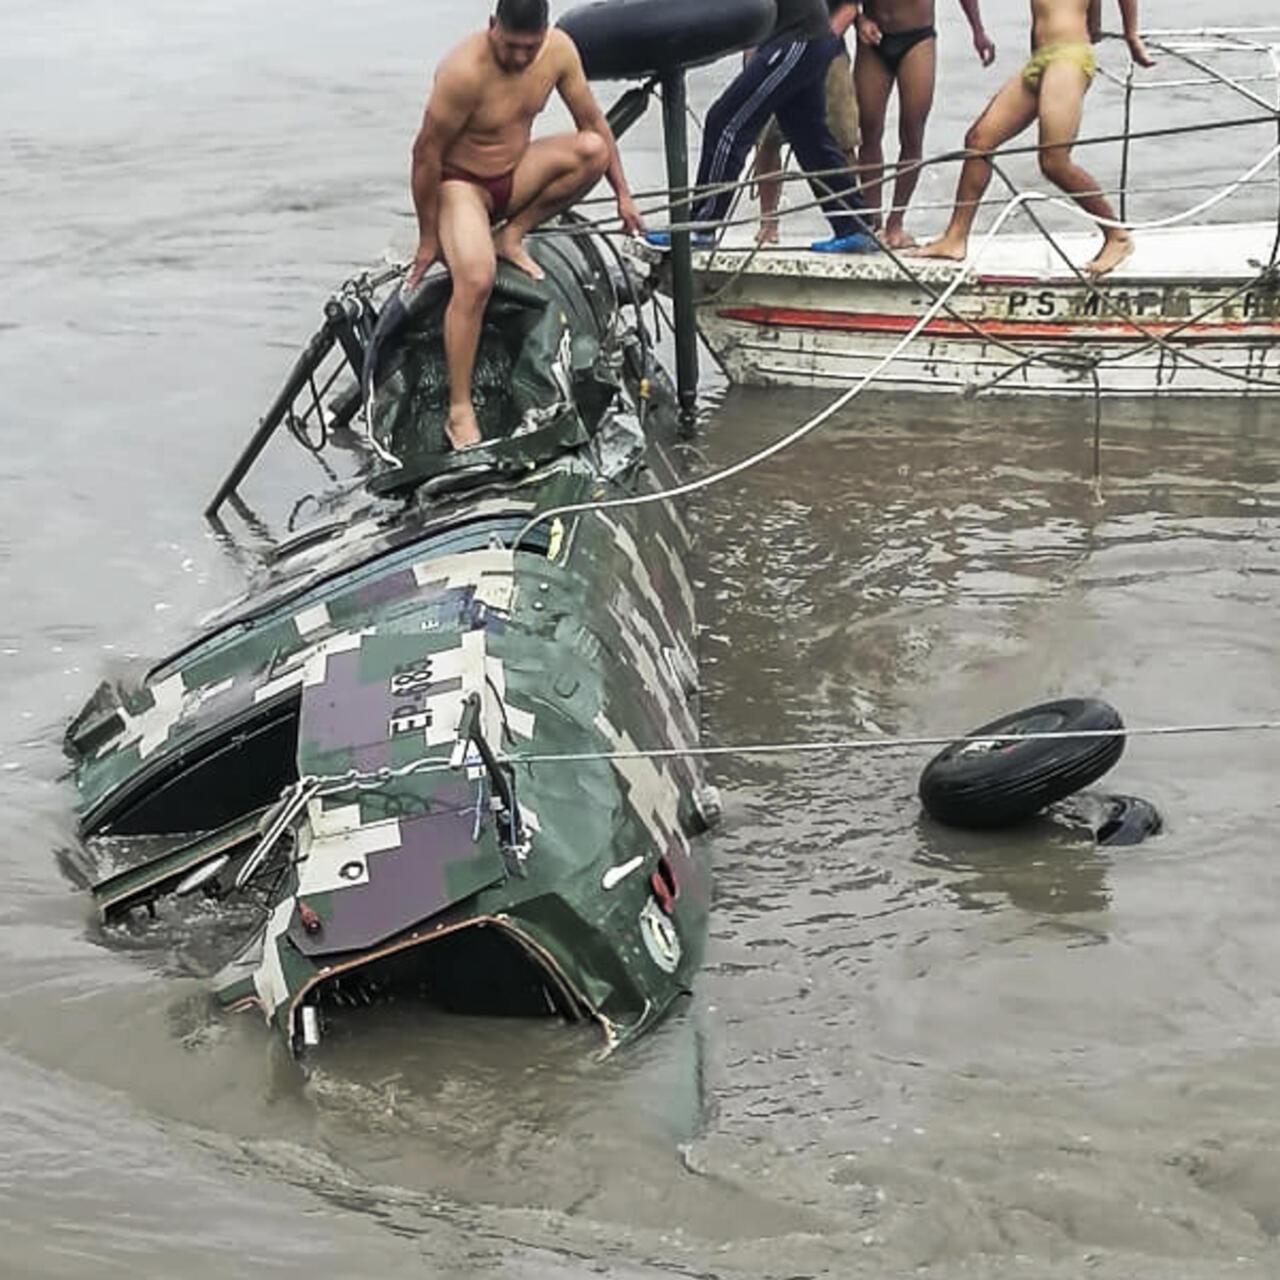 Accidente de helicóptero en Perú deja cinco militares muertos - France 24